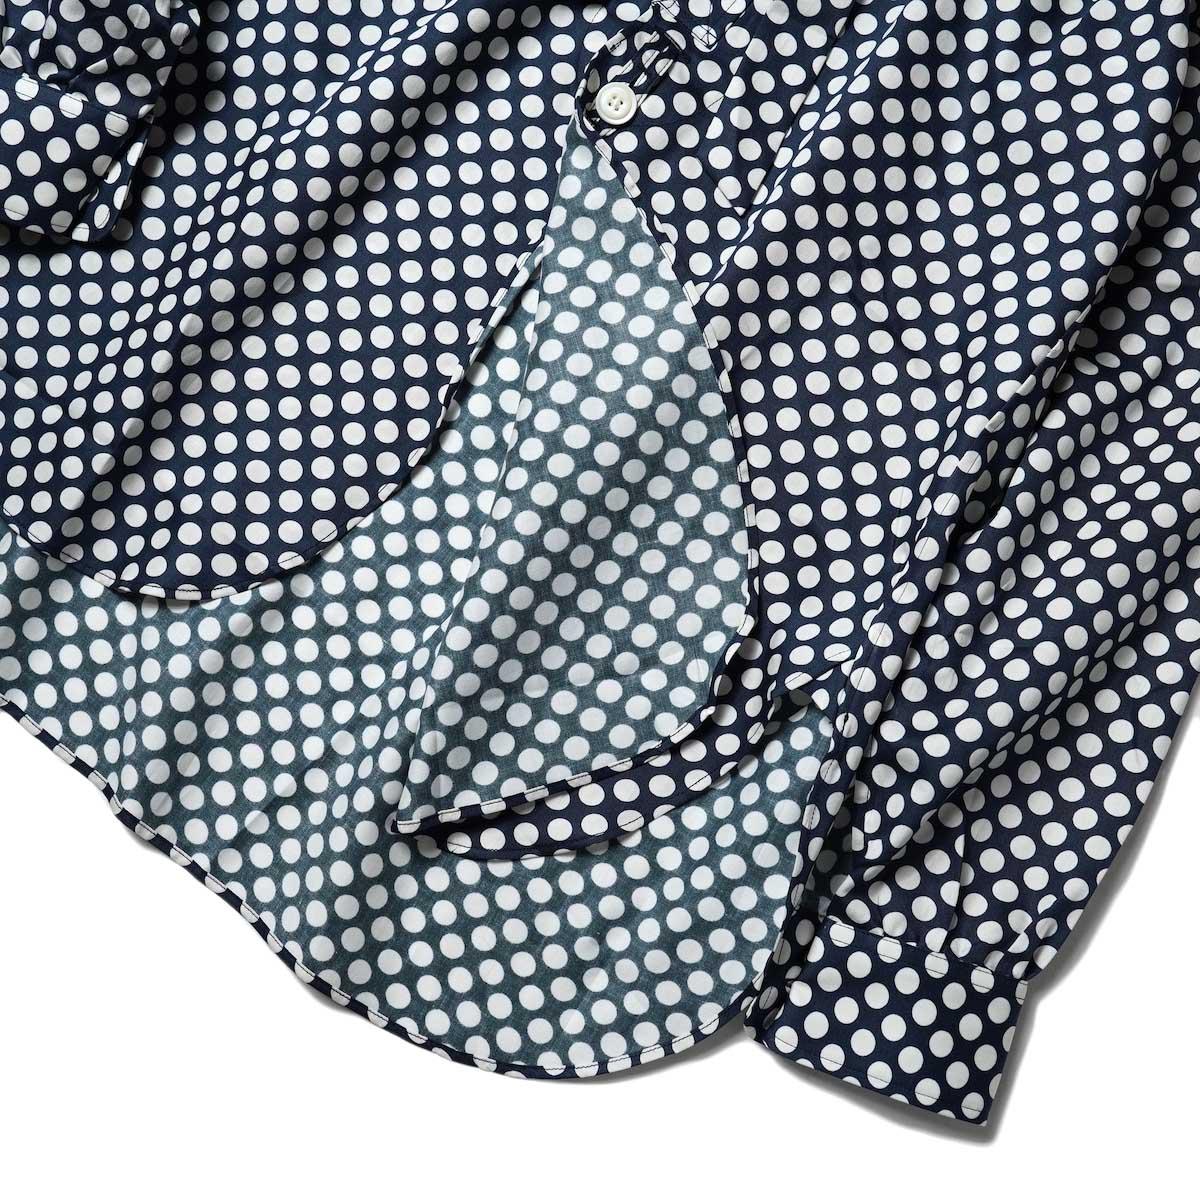 Needles / Ascot Collar EDW Shirt - Cotton Sateen / Pt (Polka Dot A) フロント・裾